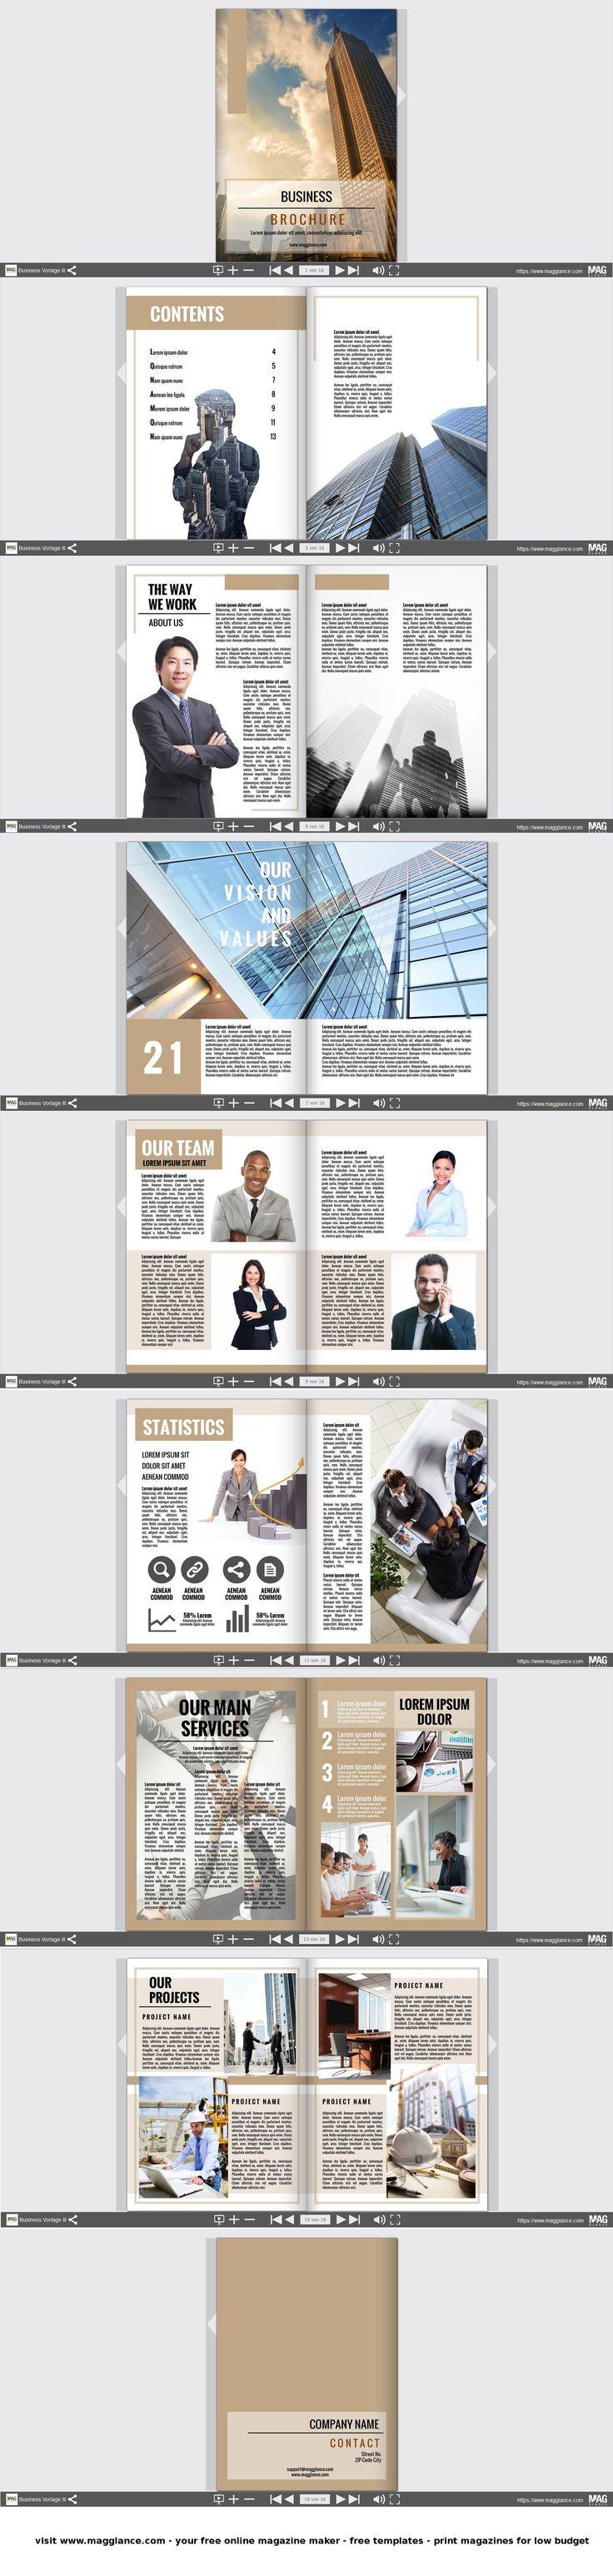 Business Broschüre kostenlos online erstellen und günstig drucken unter de.magglance.com #Broschüre #Firmenzeitung #Vorlage #Design #Muster #Beispiel #Template #Firmenzeitung #Layout #Erstellen #Gestalten #Cover